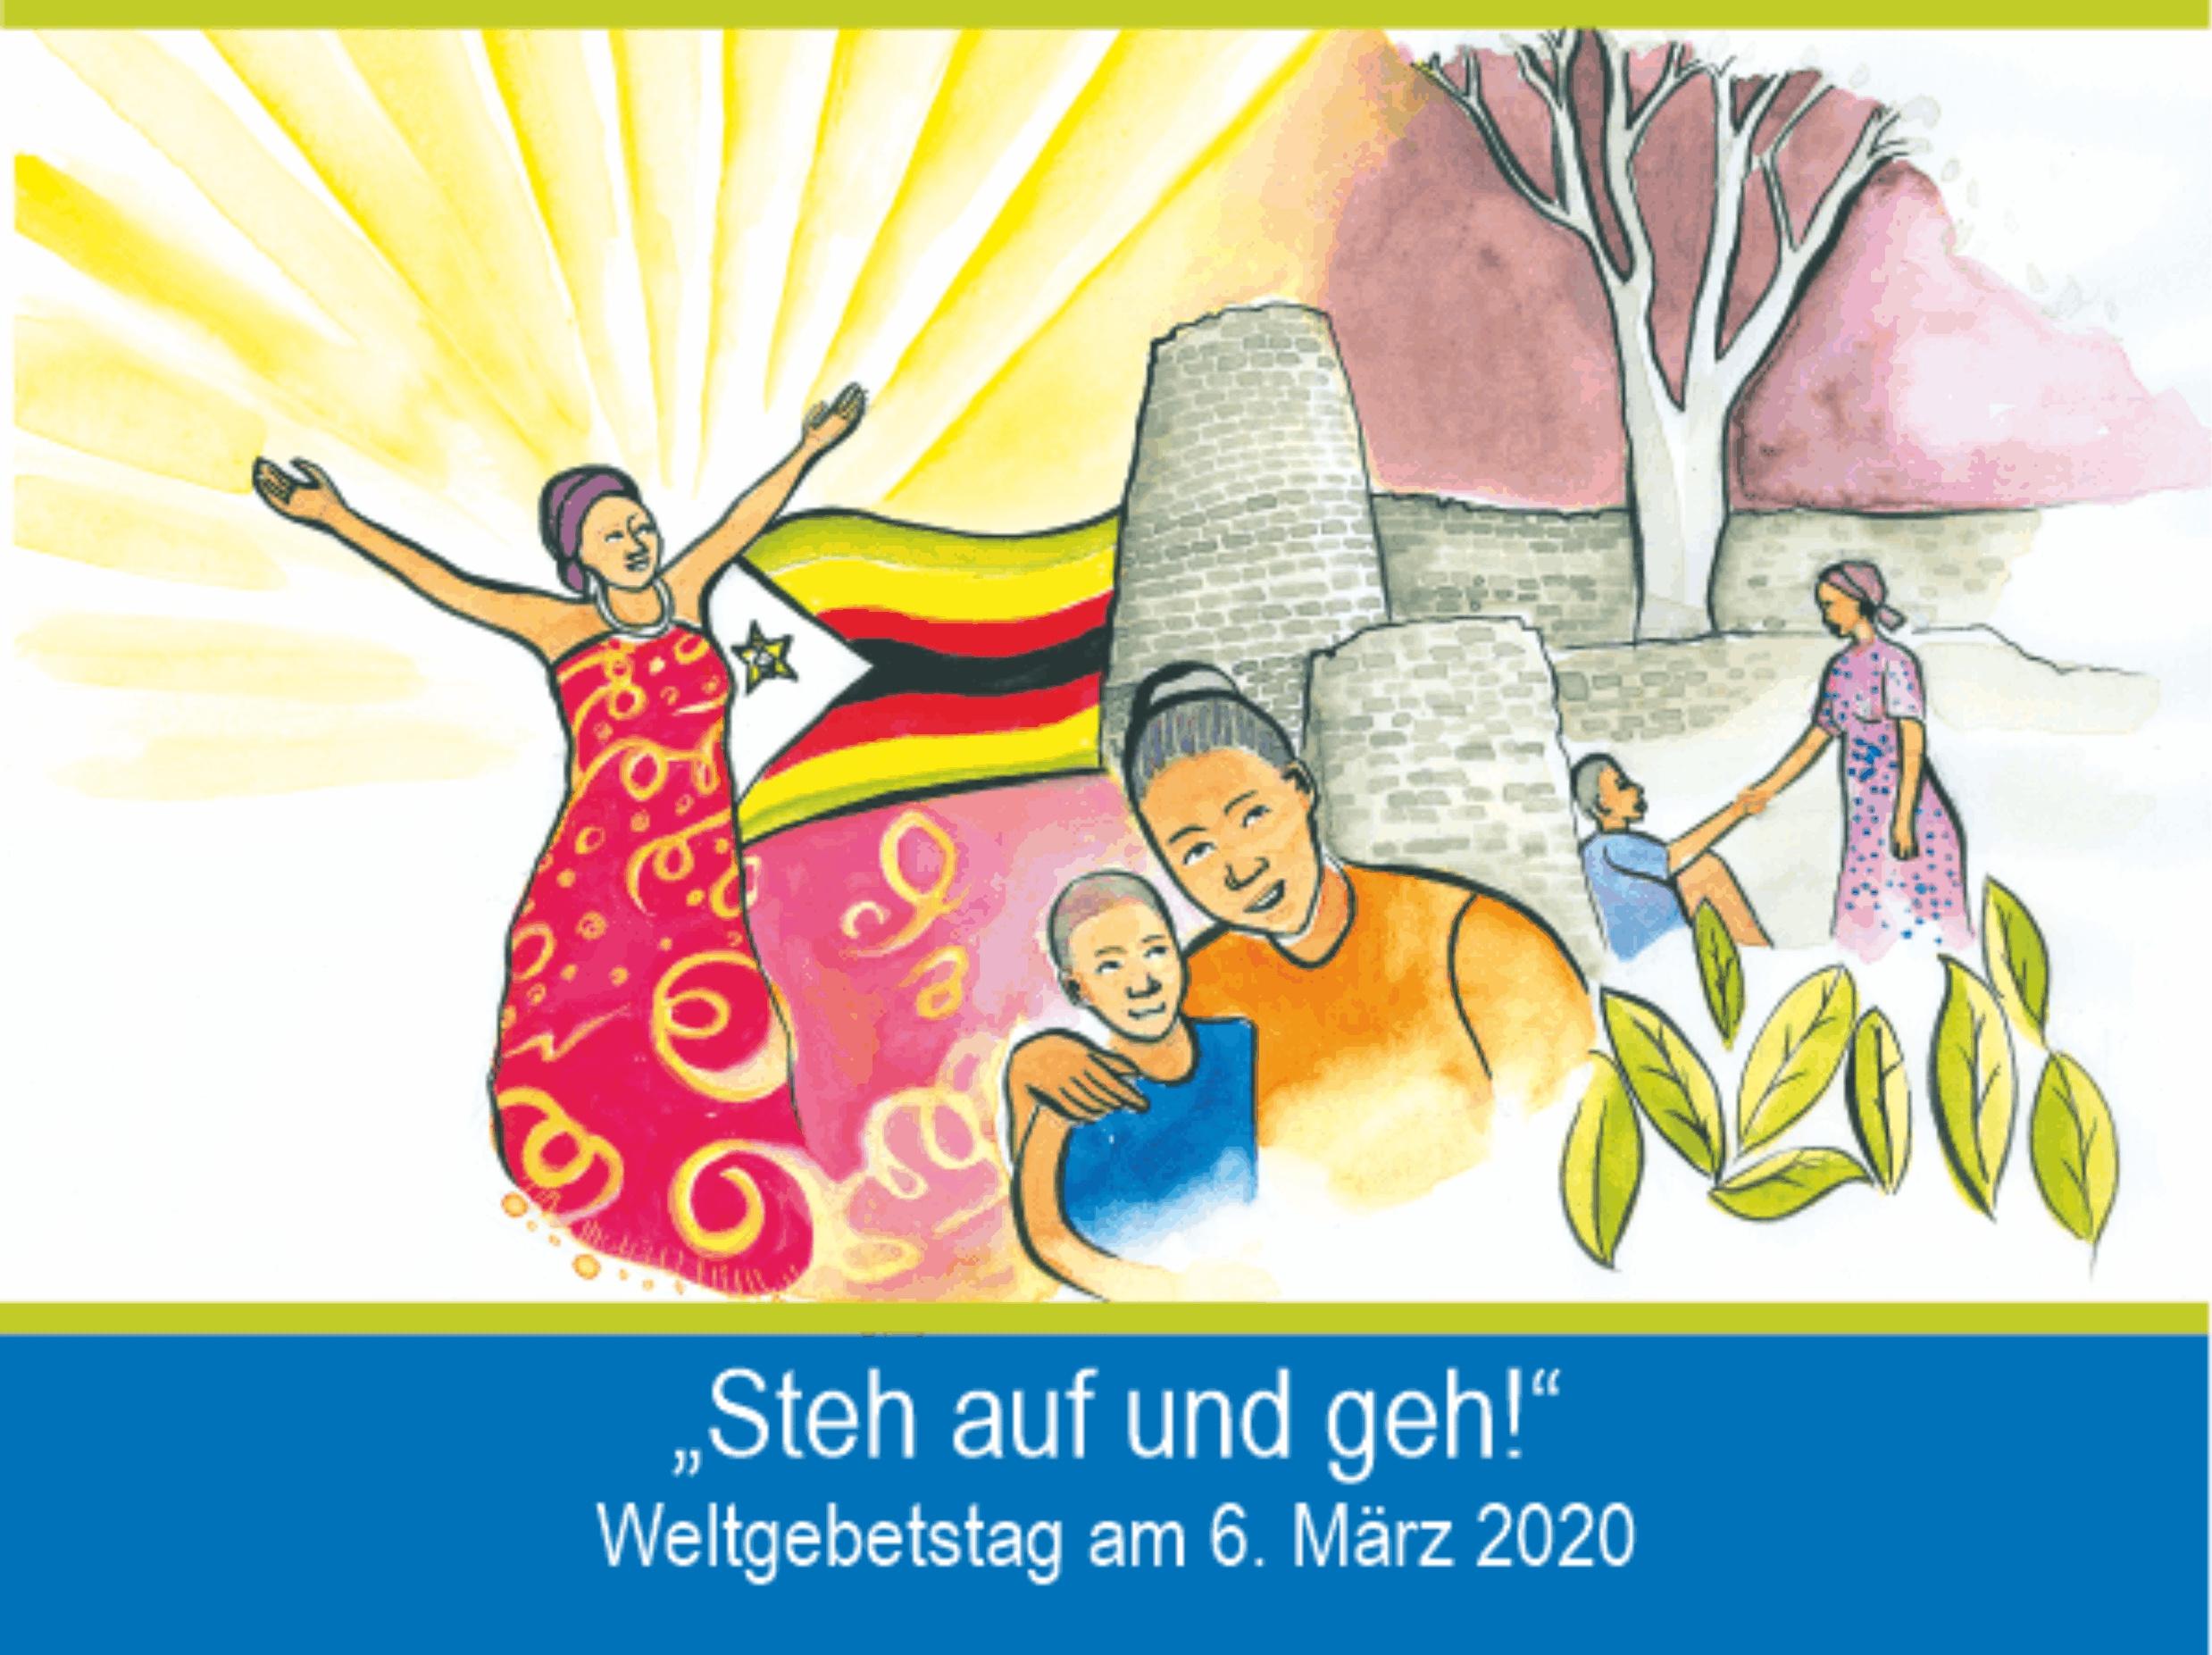 STEH AUF UND GEH! Weltgebetstag am 6. März 2020